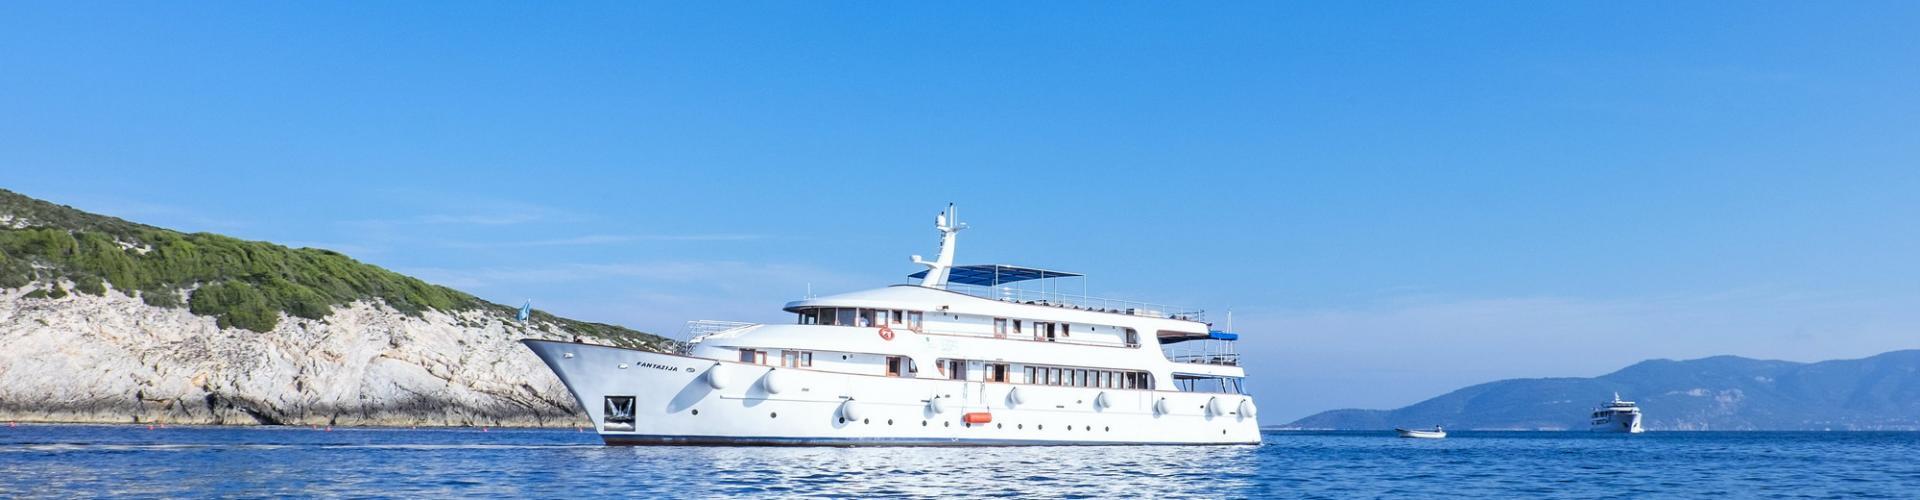 motor boat Deluxe cruiser MV Fantazija